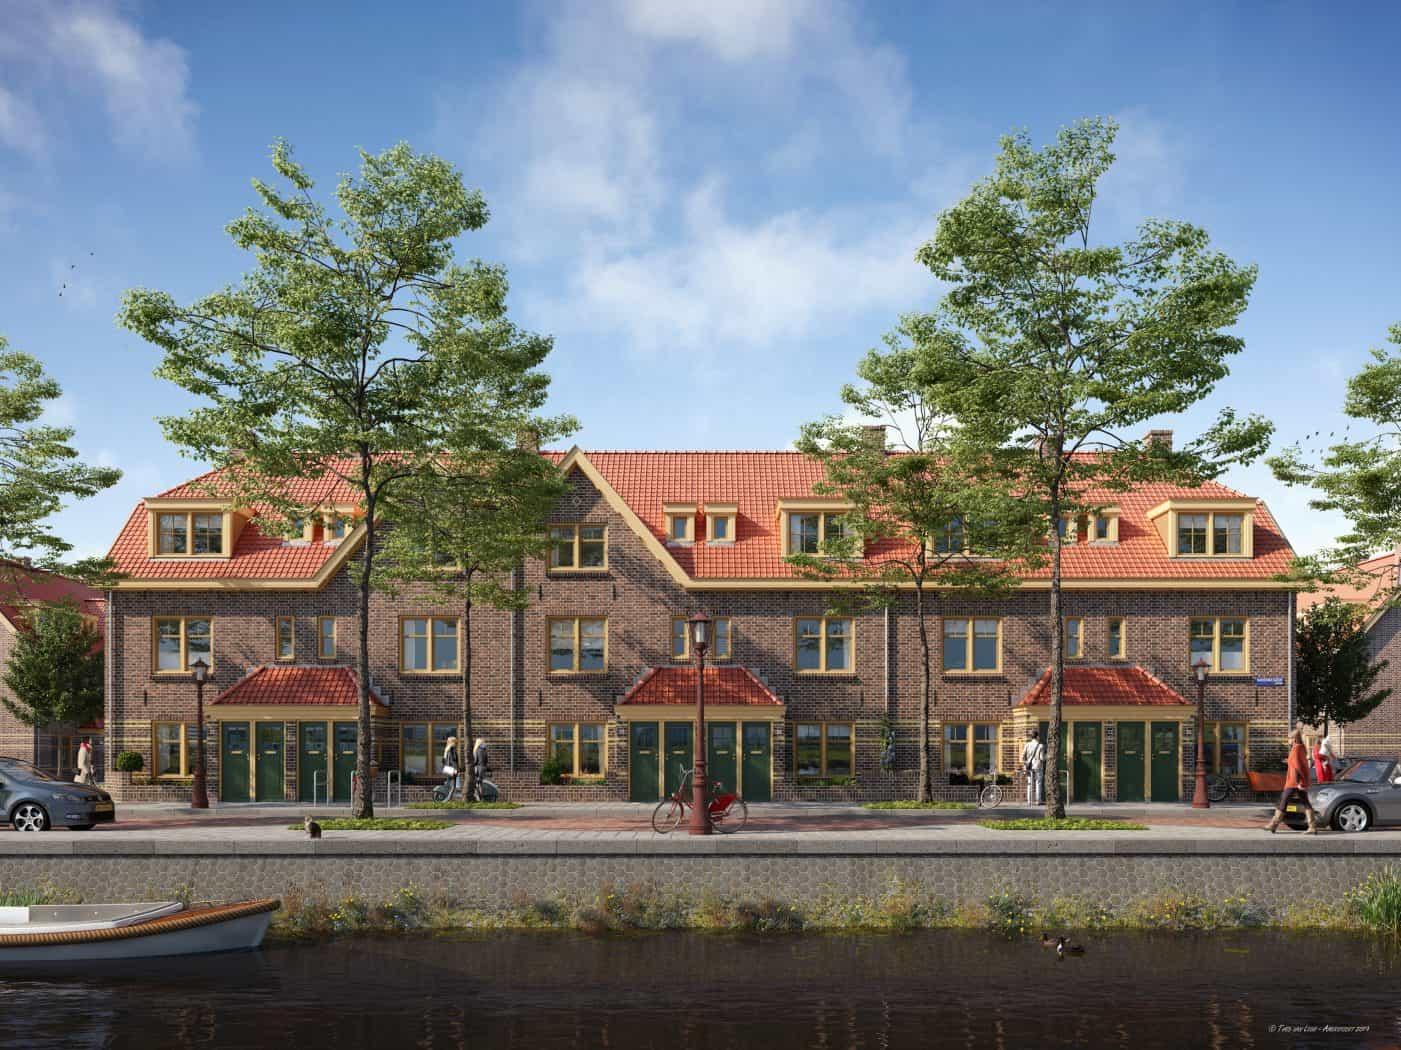 Woningverbetering in der Van der Pek buurt Amsterdam